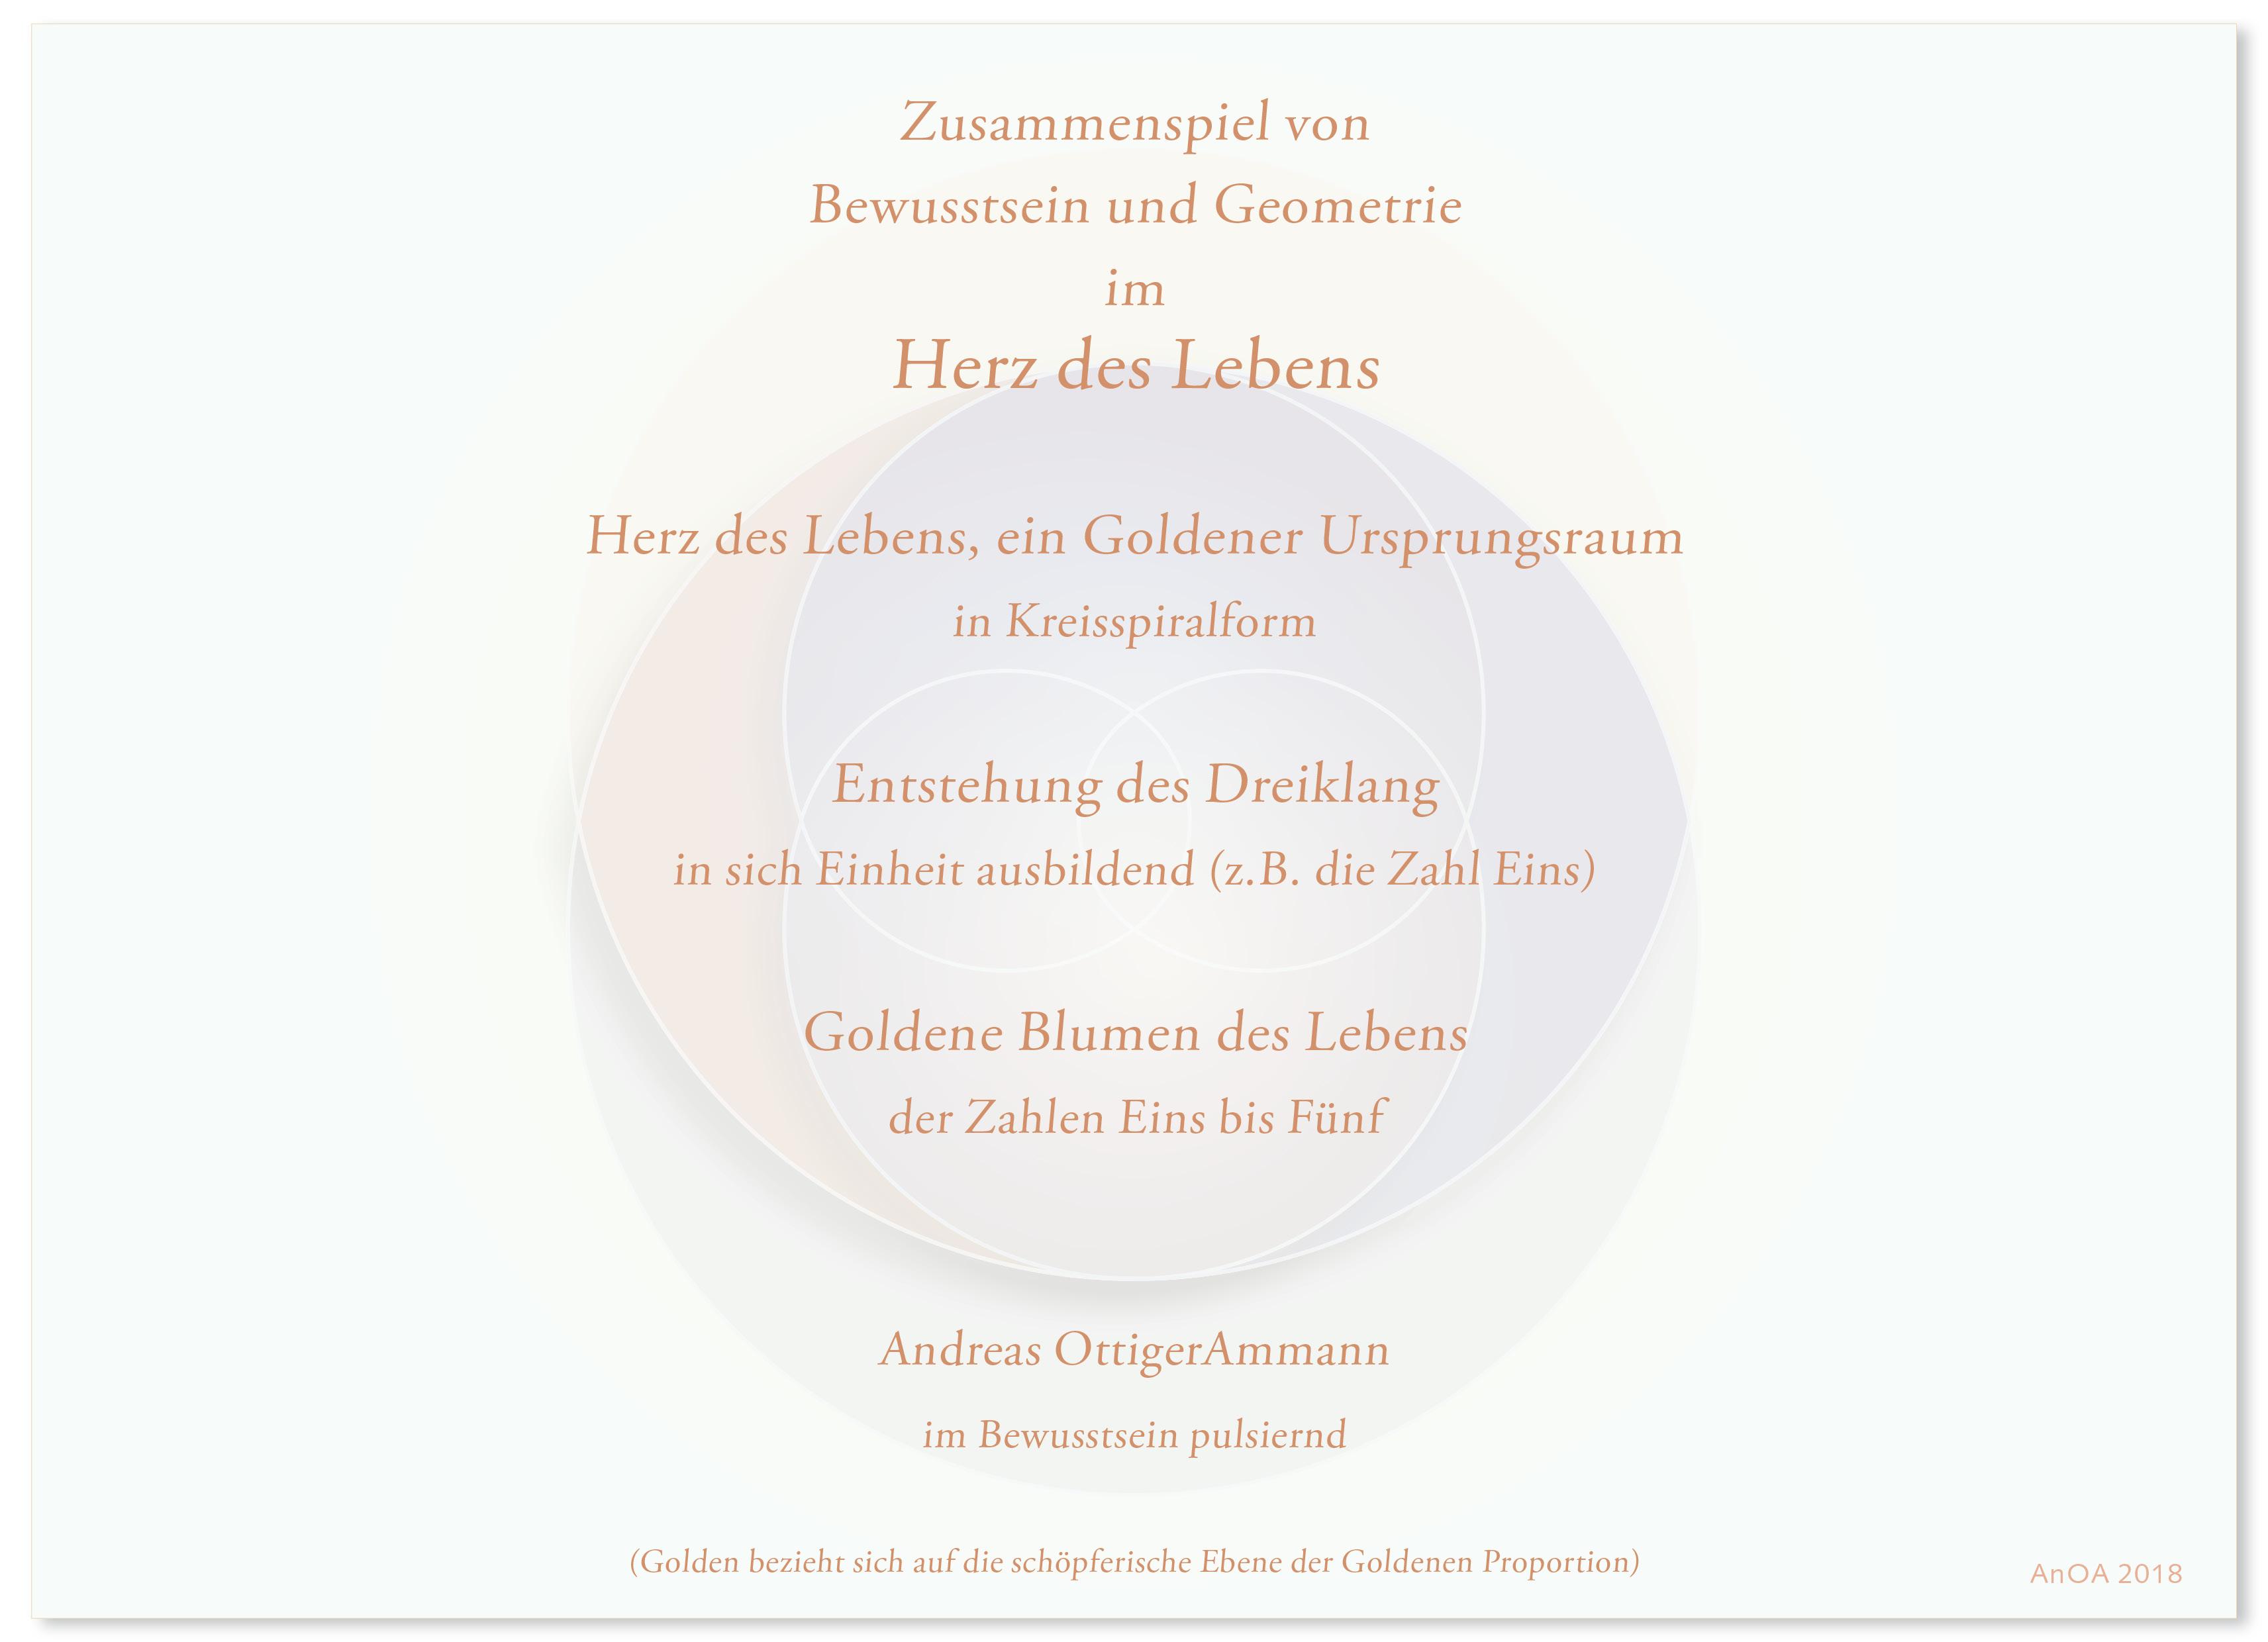 AnOAe-HerzdL-Dreiklang-201812-1